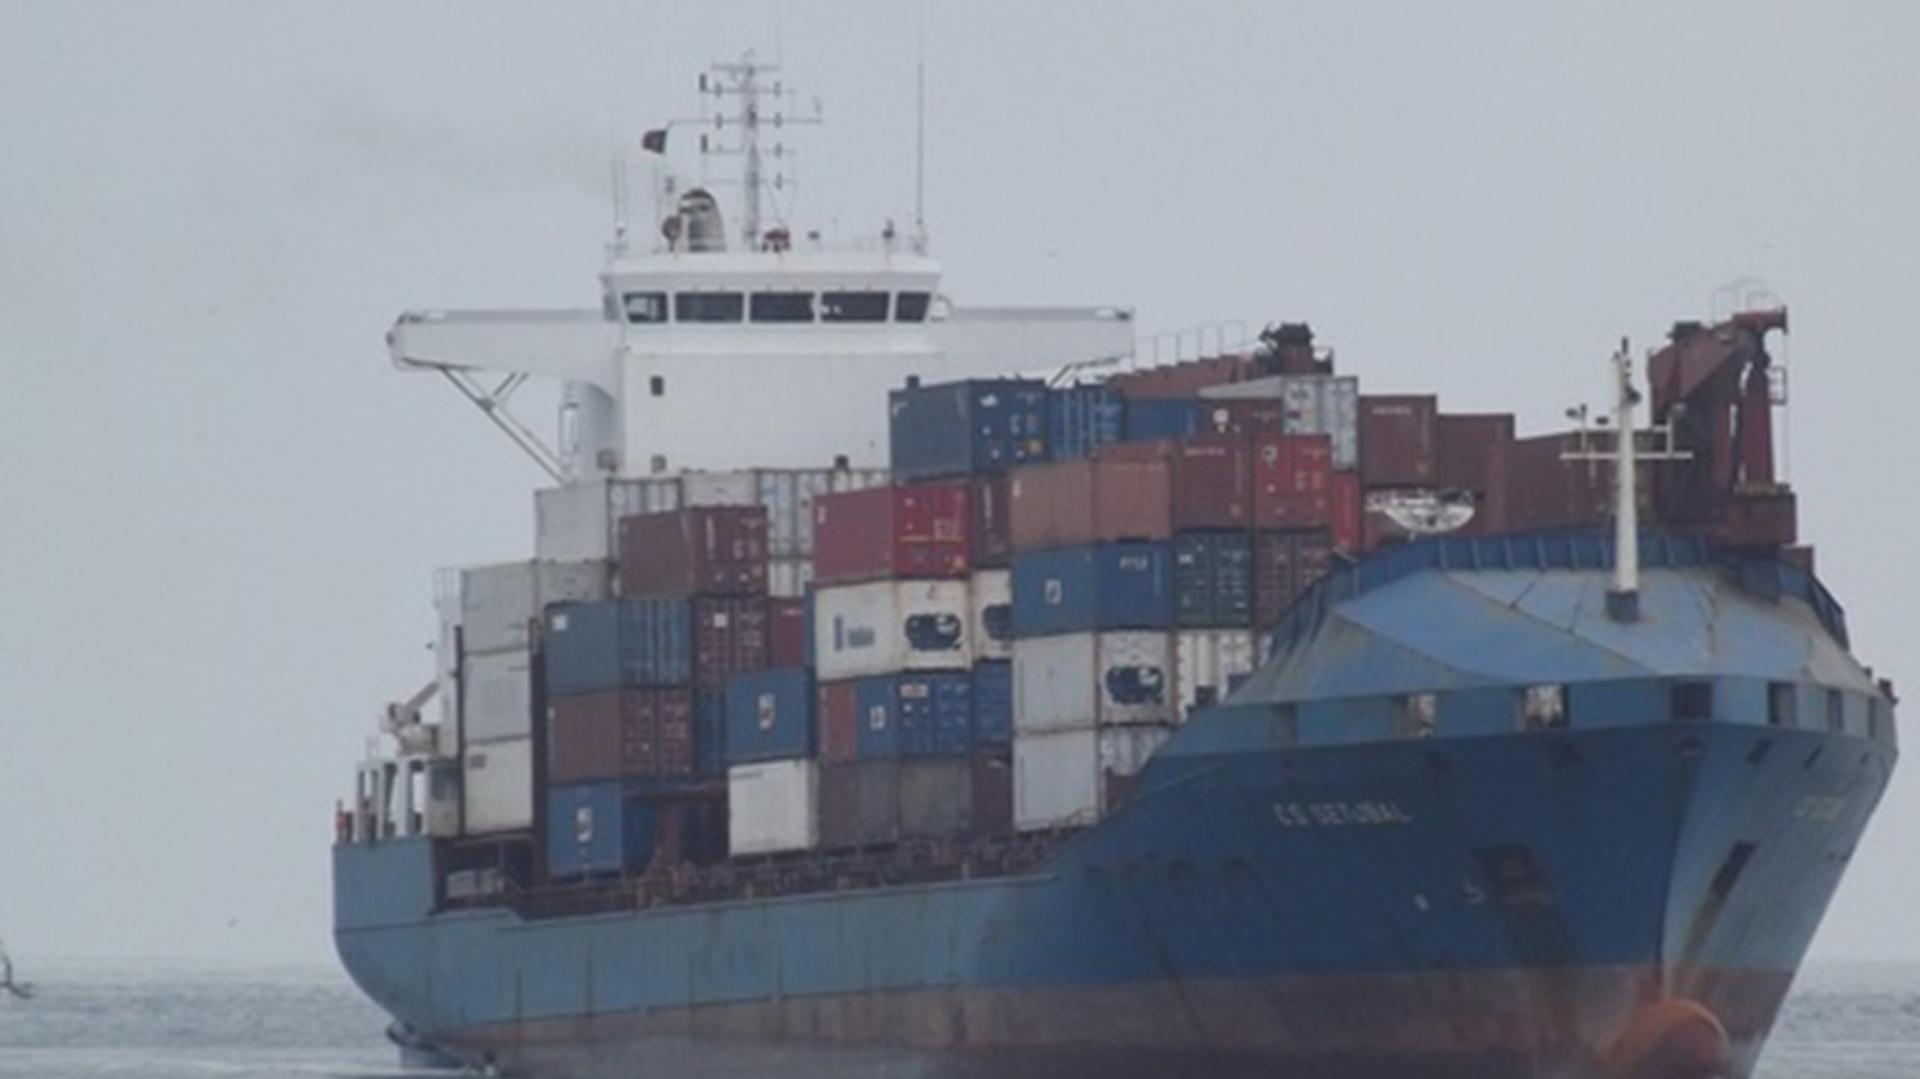 Los barcosautónomos son el futuro del transporte comercial. (Fleetmon)